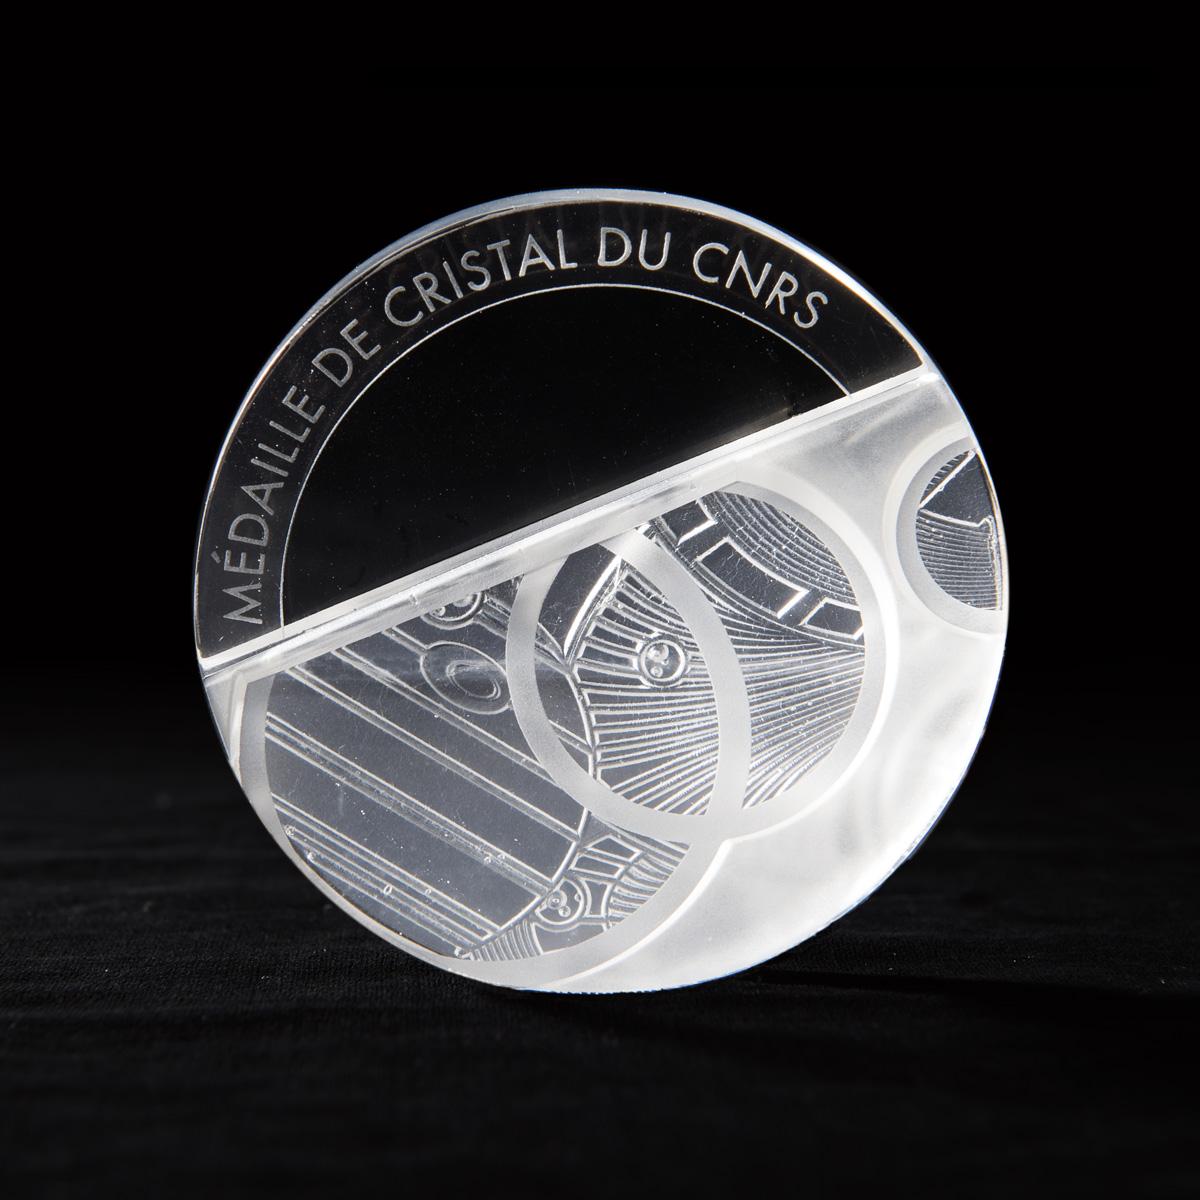 médaille de cristal du CNRS